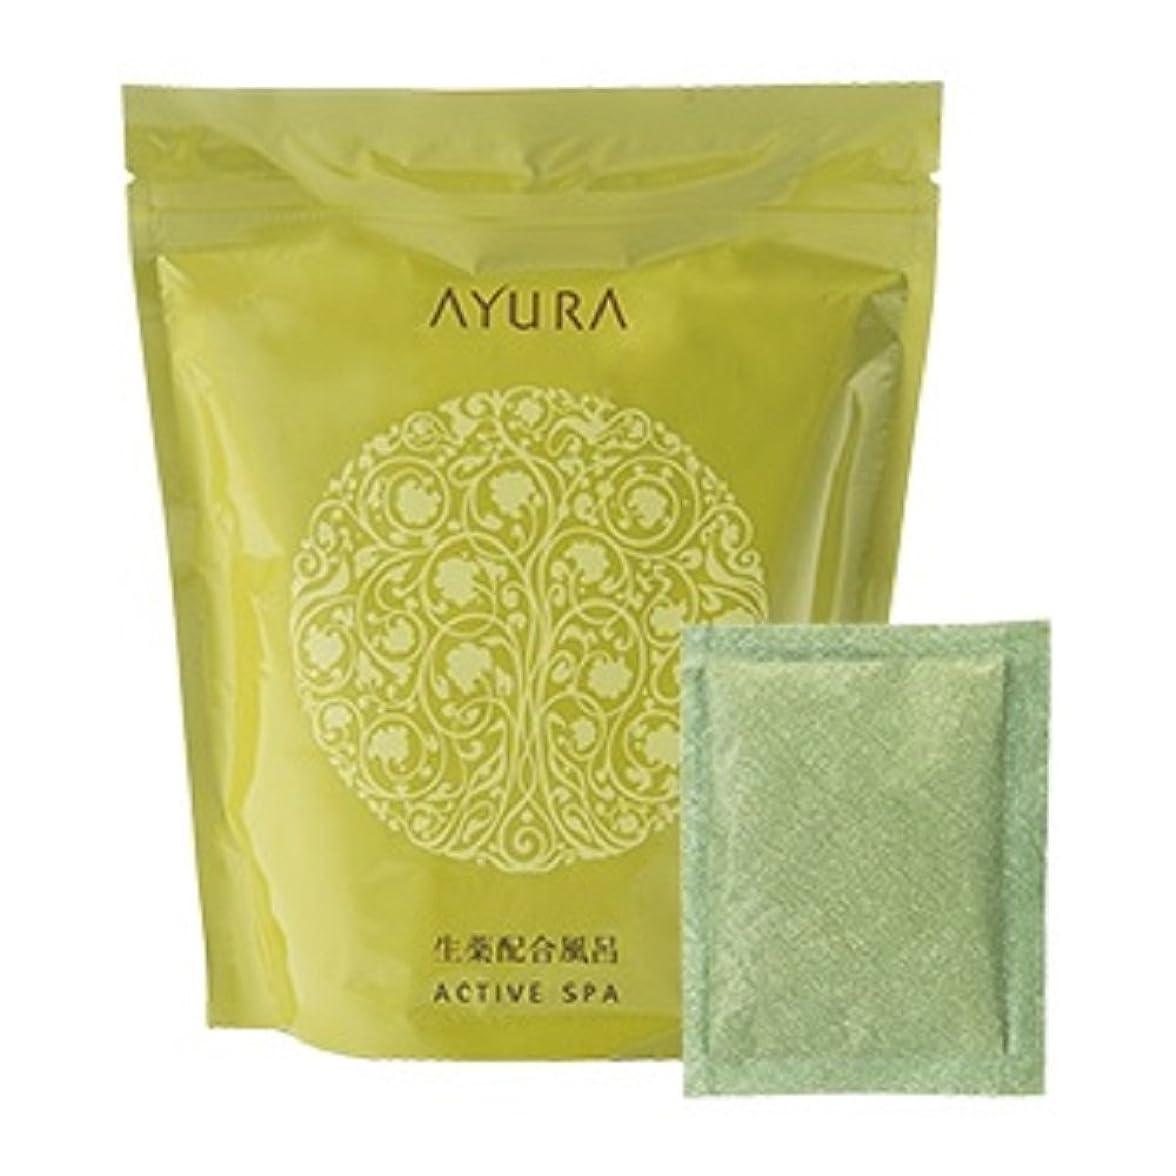 入手します上げる送るアユーラ (AYURA) アクティブスパα 30g 10包入 (医薬部外品) 〈薬用 入浴剤〉